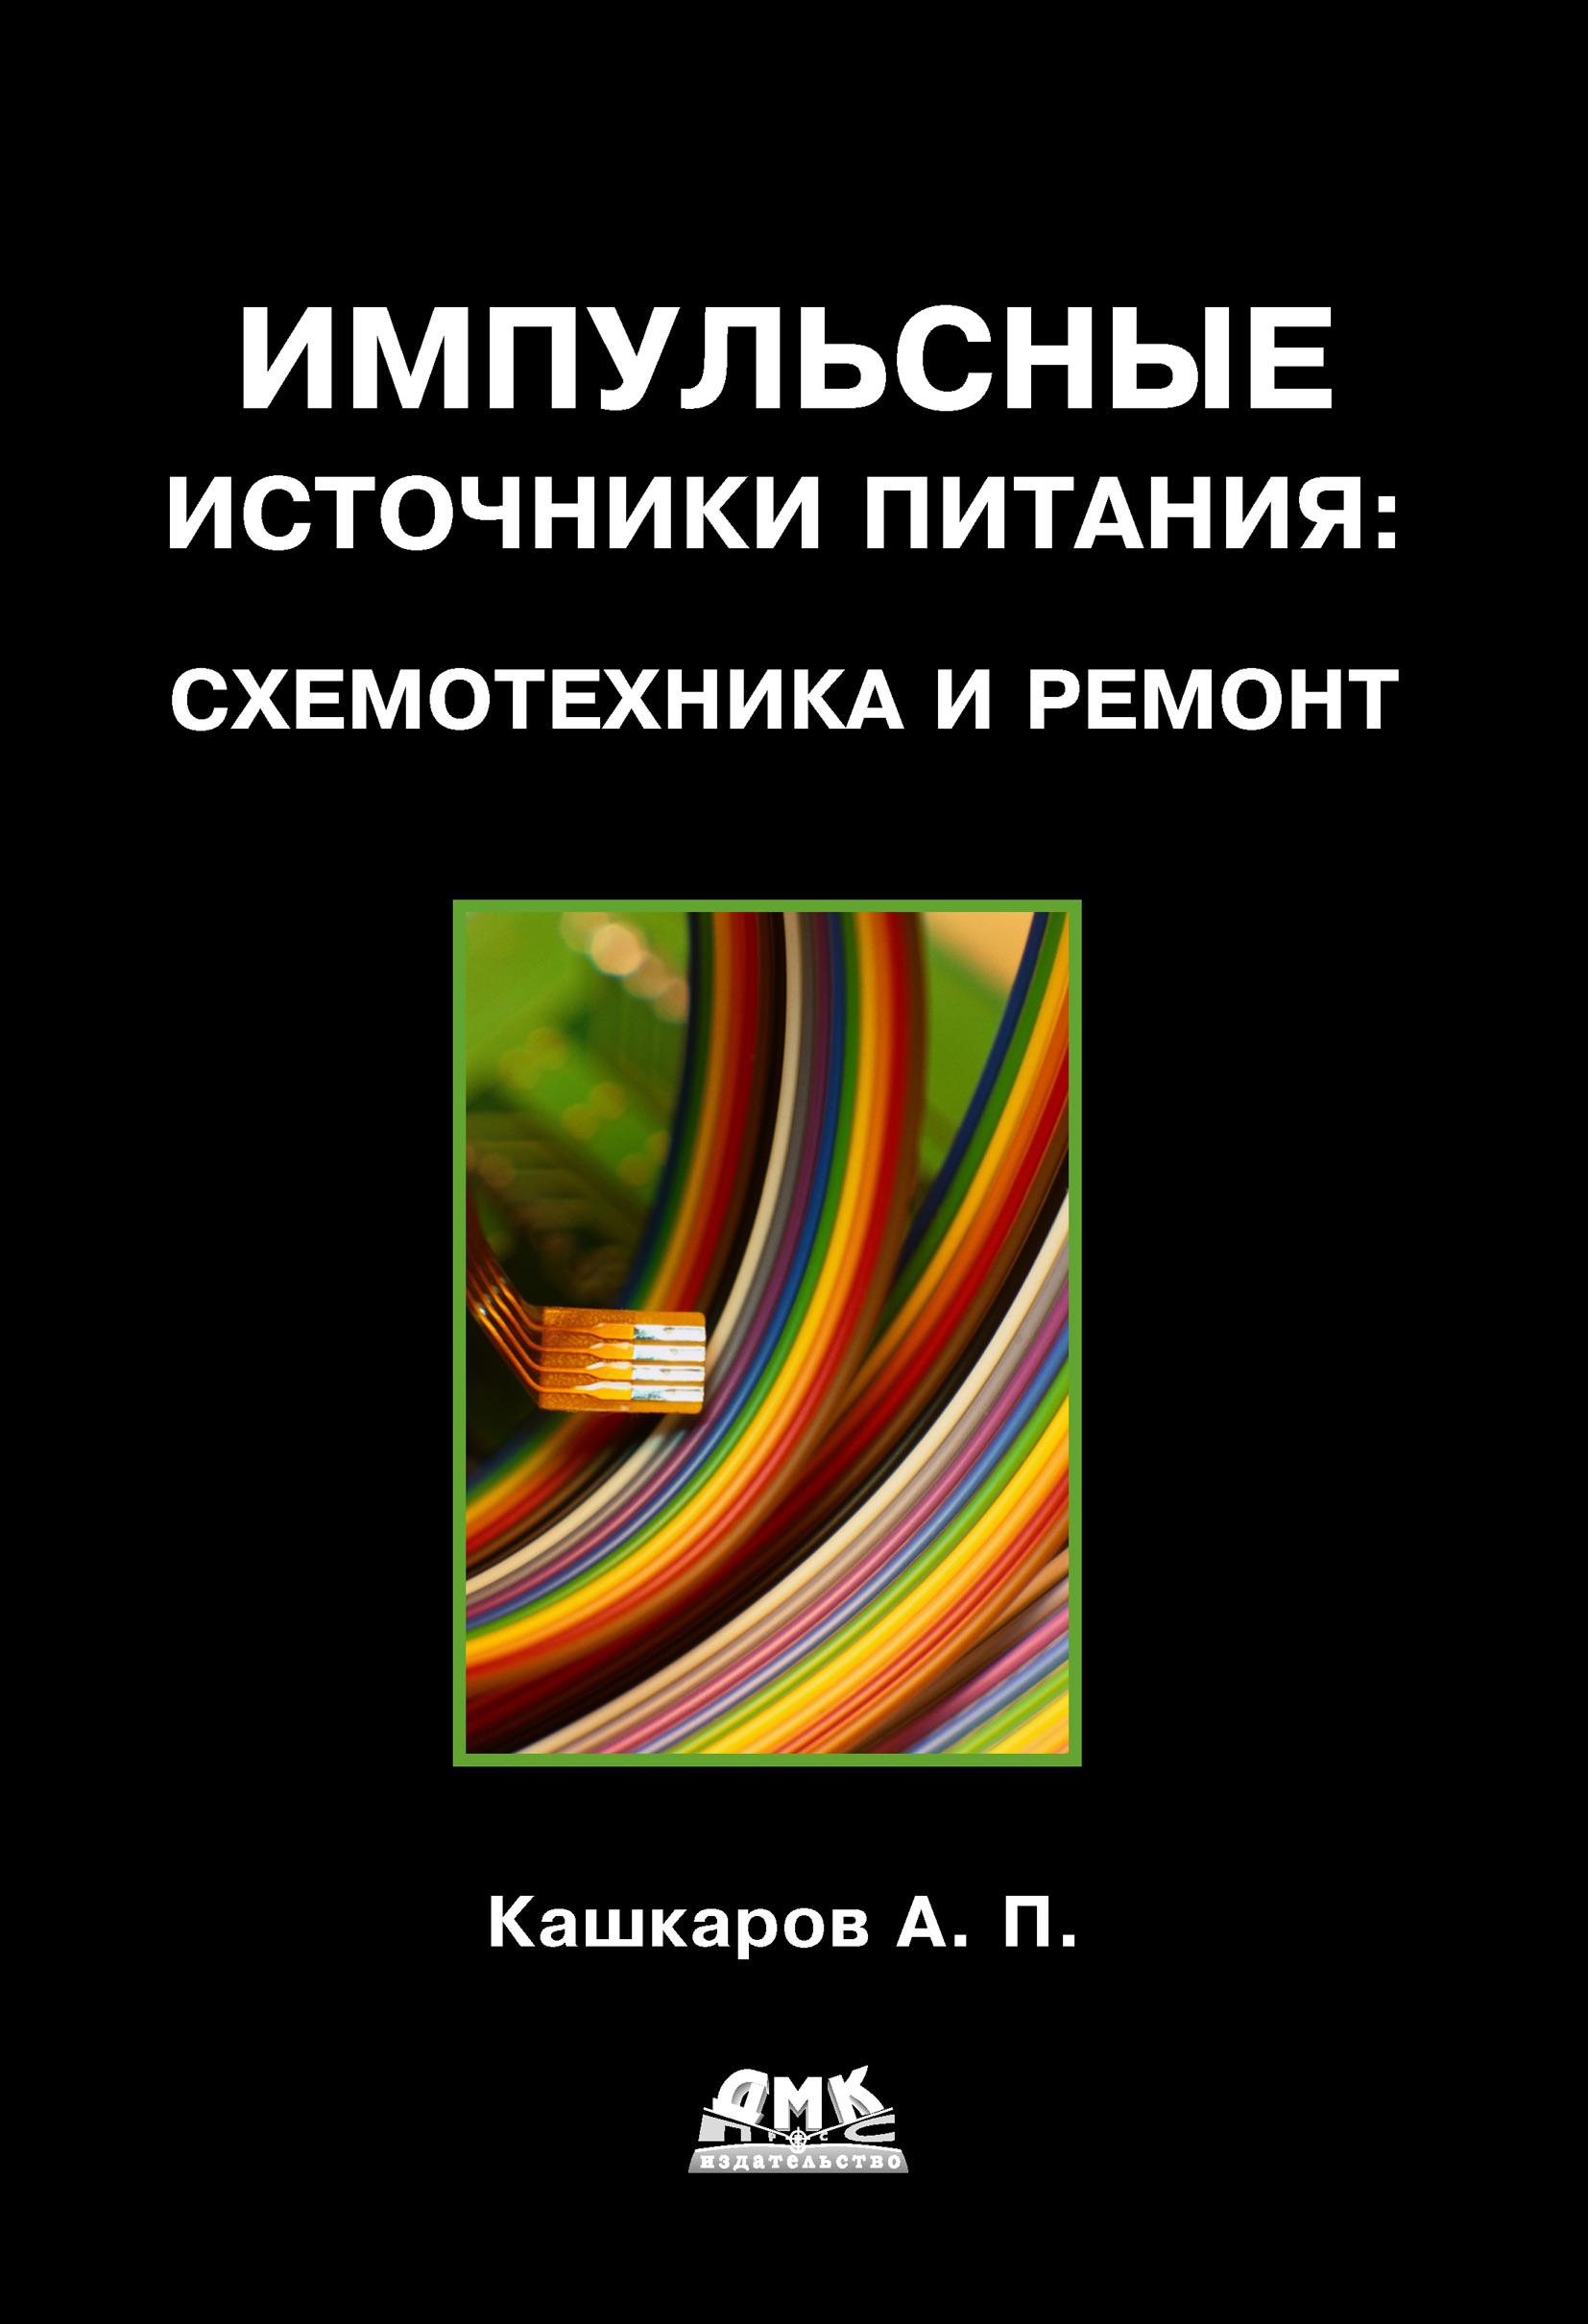 Андрей Кашкаров Импульсные источники питания: схемотехника и ремонт андрей кашкаров устройства импульсного электропитания для альтернативных энергоисточников